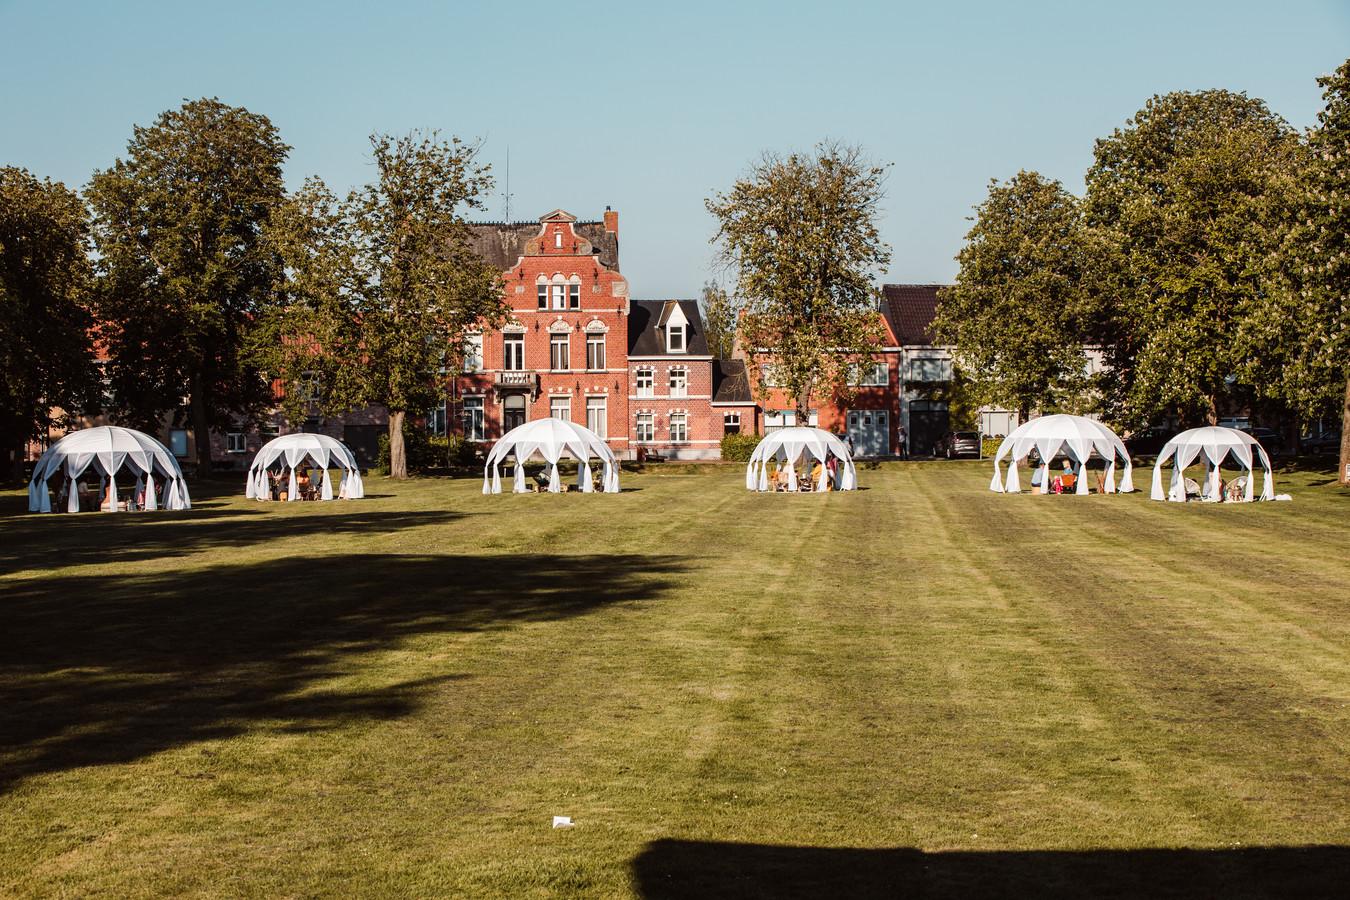 De bubbels staan opgesteld op het Plein in Kaprijke.